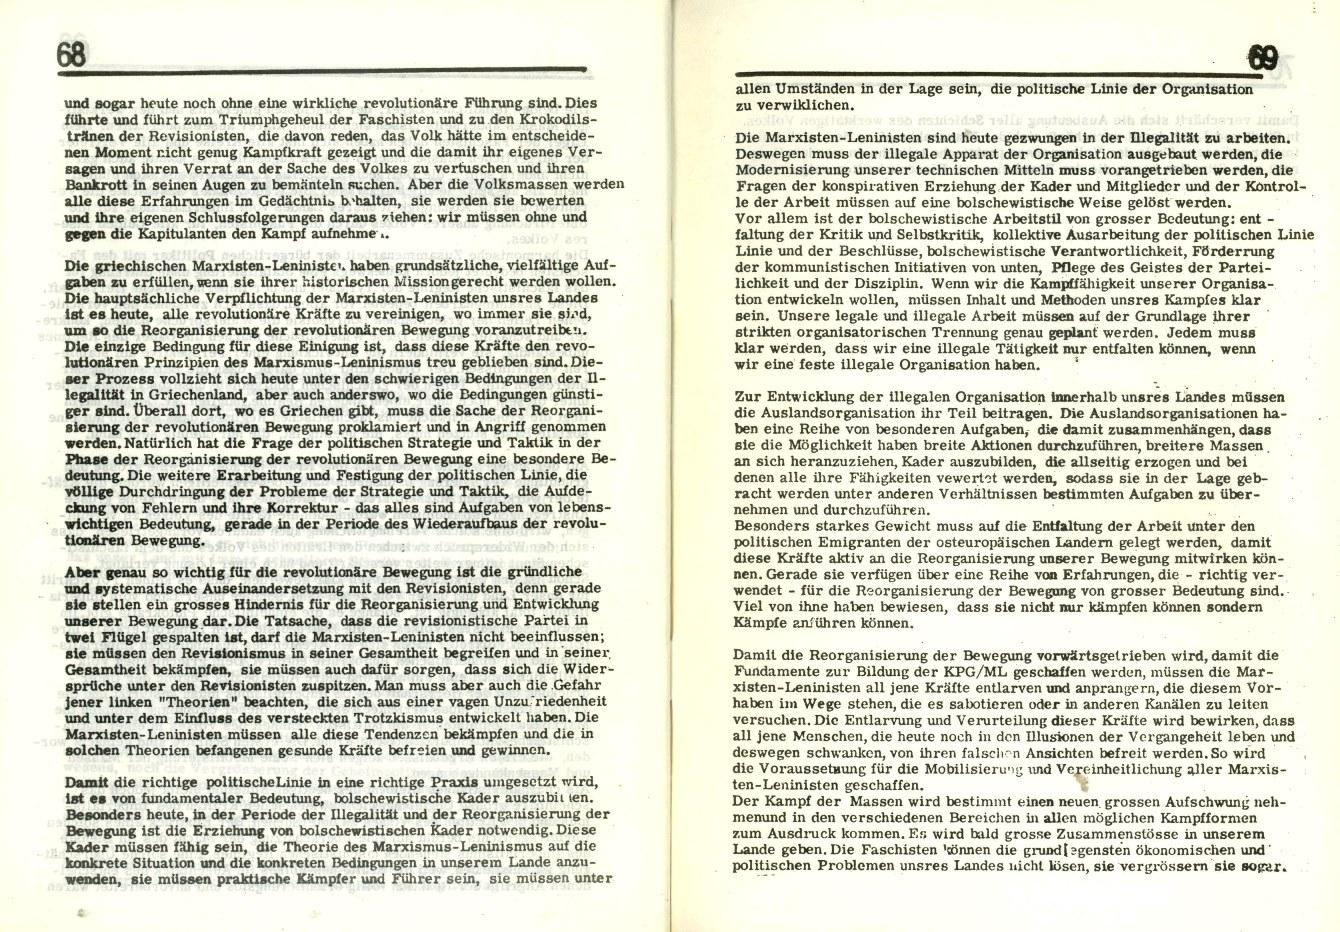 Griechenland_Griechische_ML_1971_Dokumente_01_35